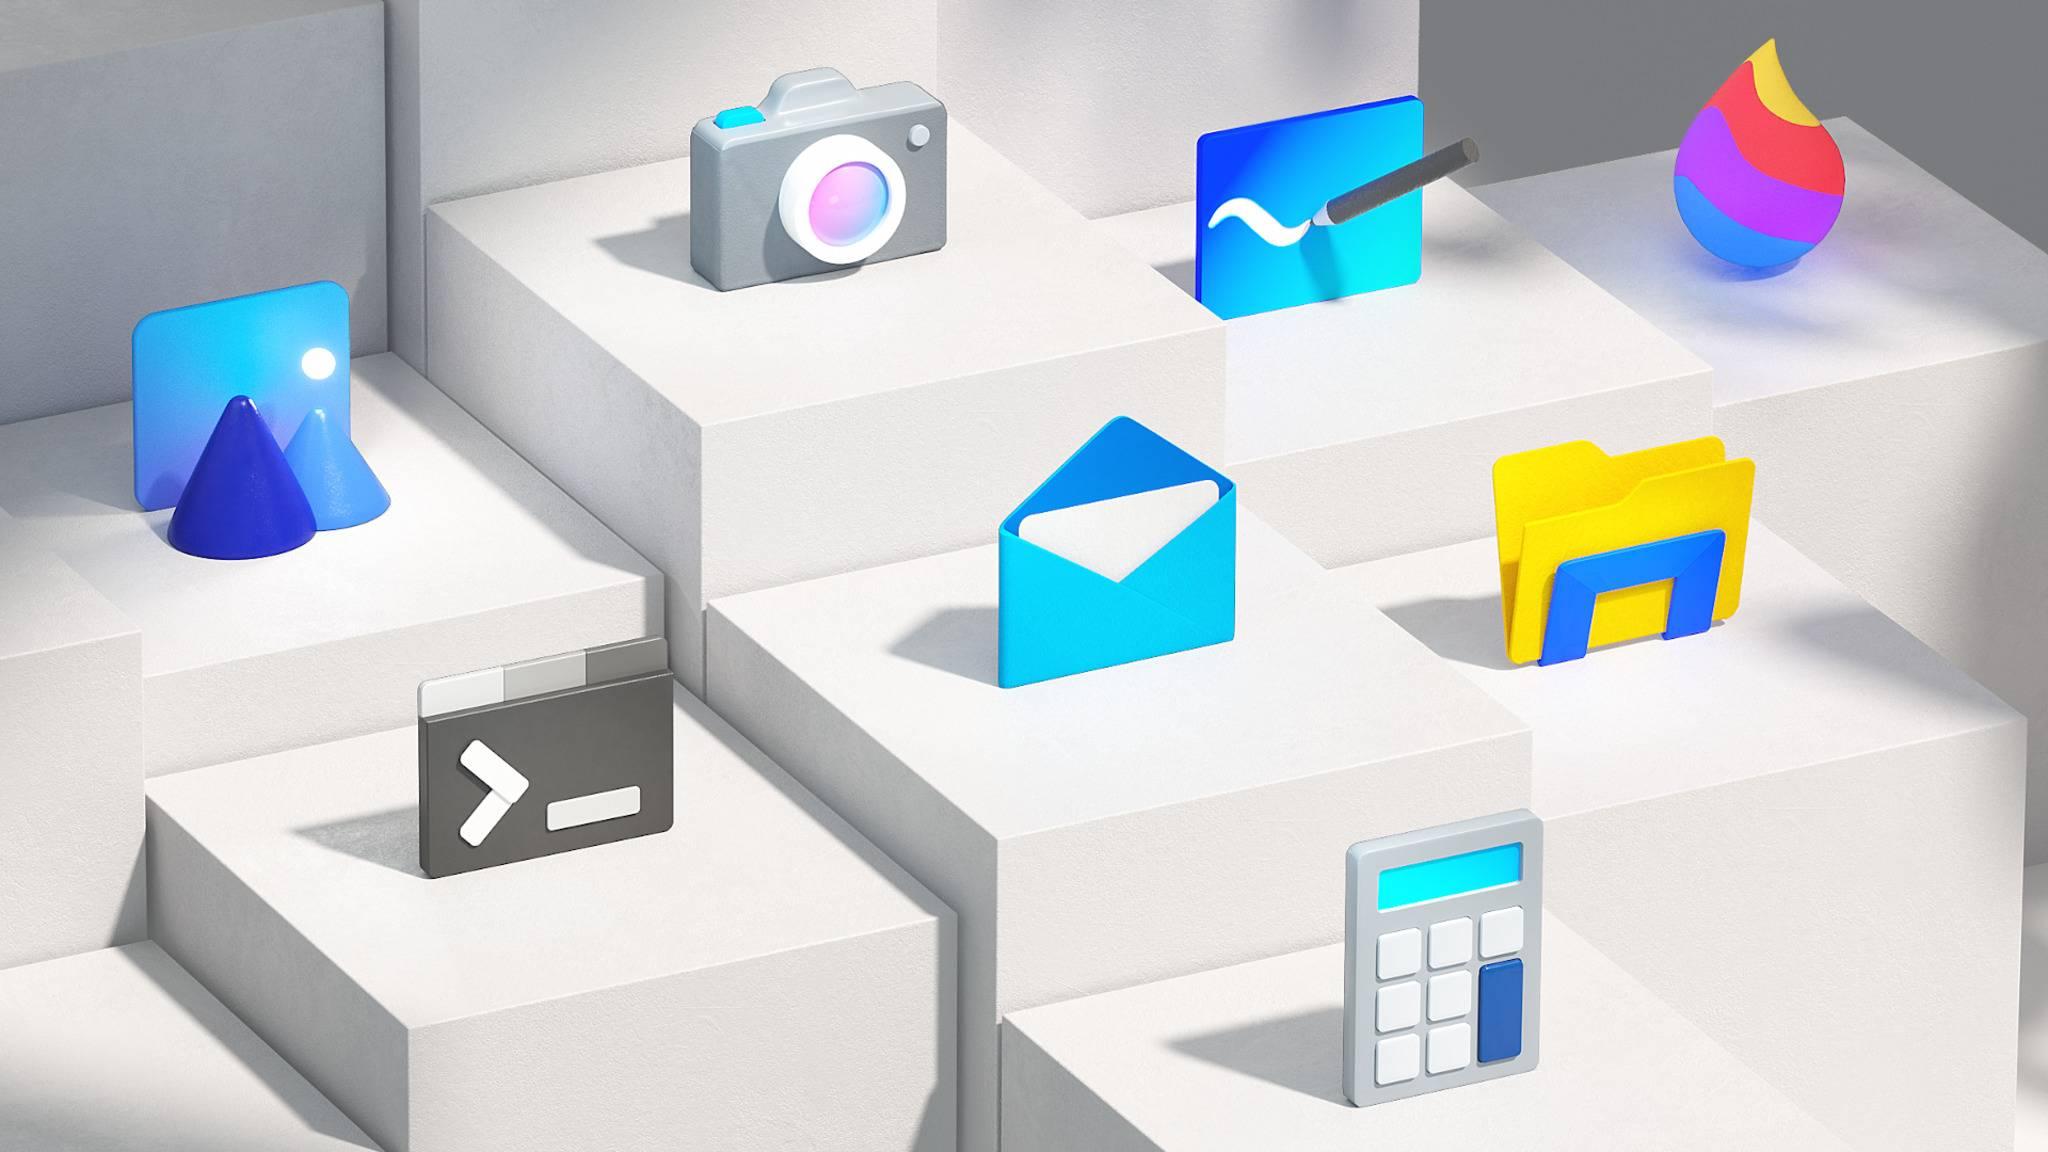 windows-10-icons-fluent-design